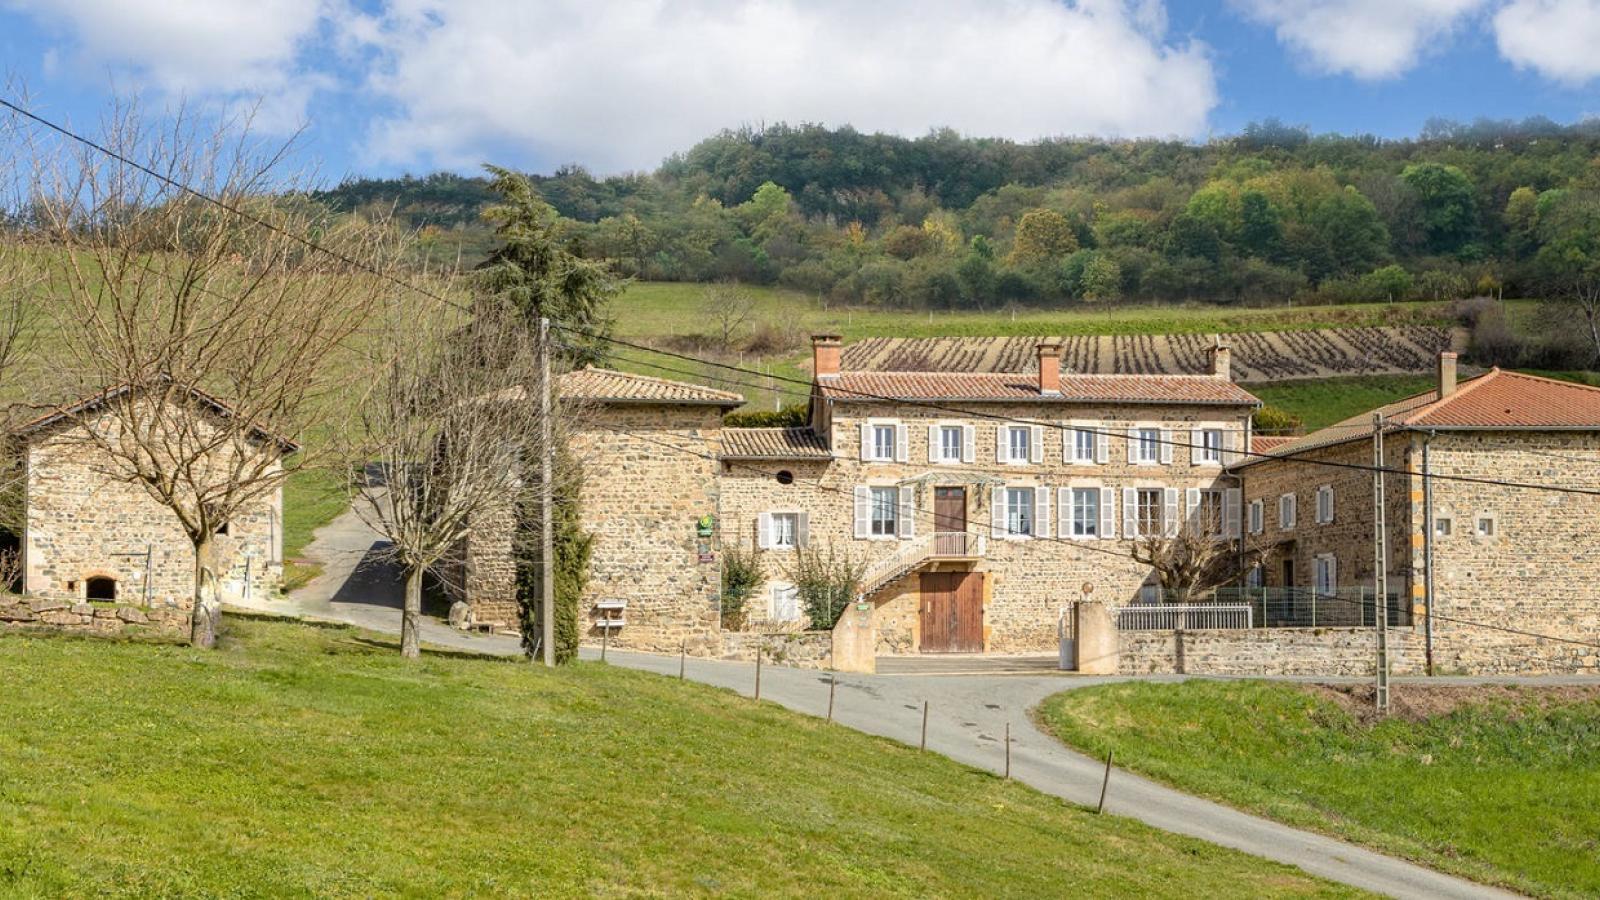 Chambres d'Hôtes 'Domaine de Romarand' à Quincié-en-Beaujolais, dans le Rhône : Le Domaine de Romarand.